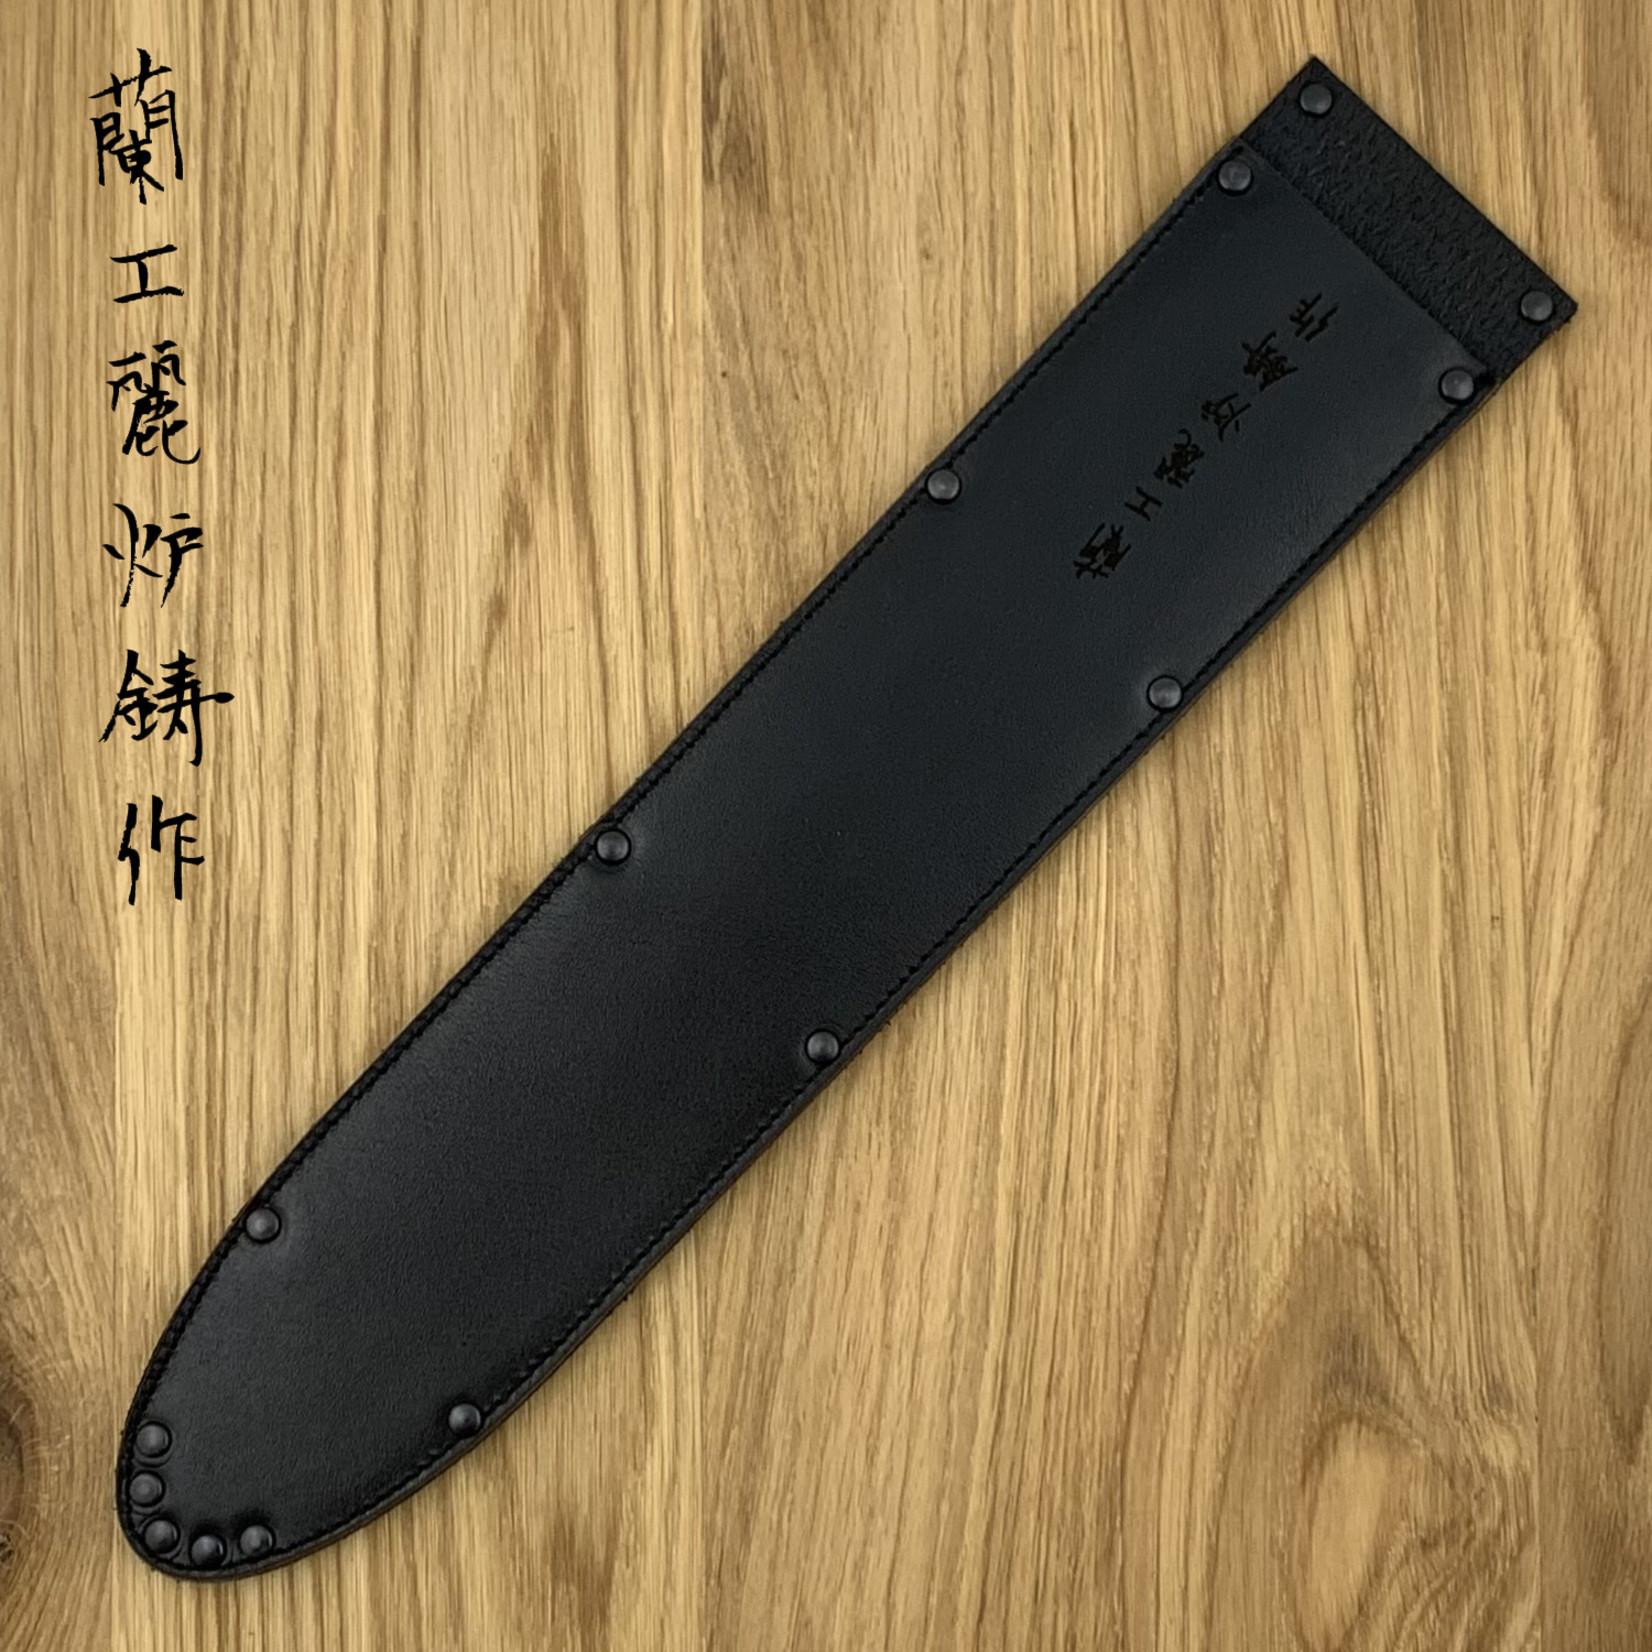 WUNSCHLEDER Saya Sujihiki wide 300 mm zwart